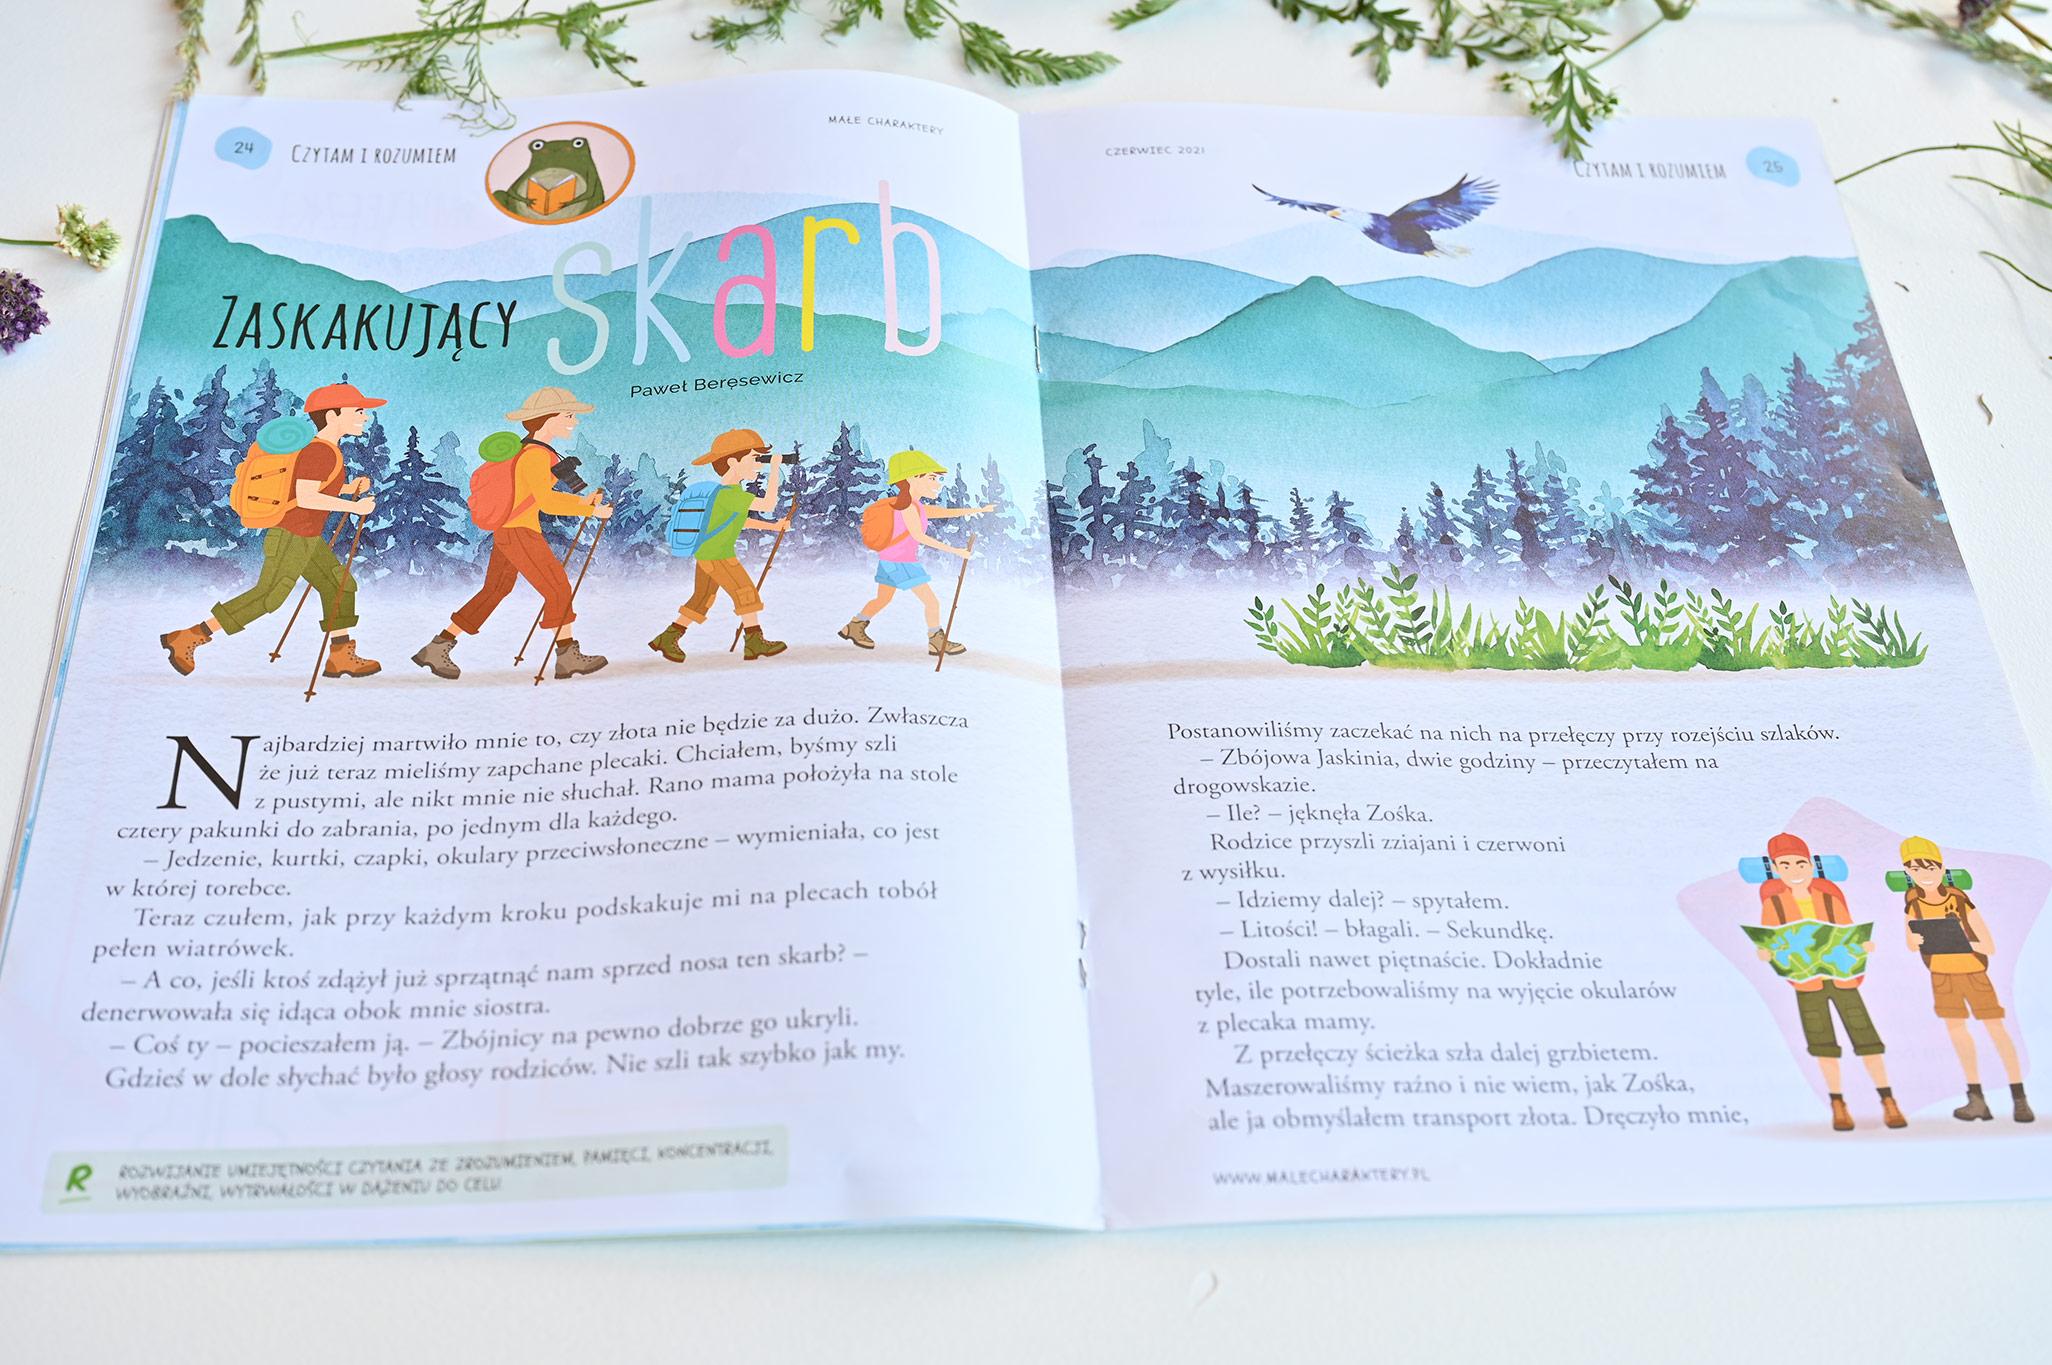 Małe Charaktery, czytanie ze zrozumieniem, czasopismo psychologiczne dla dzieci, magazyn psychologiczny dla dzieci